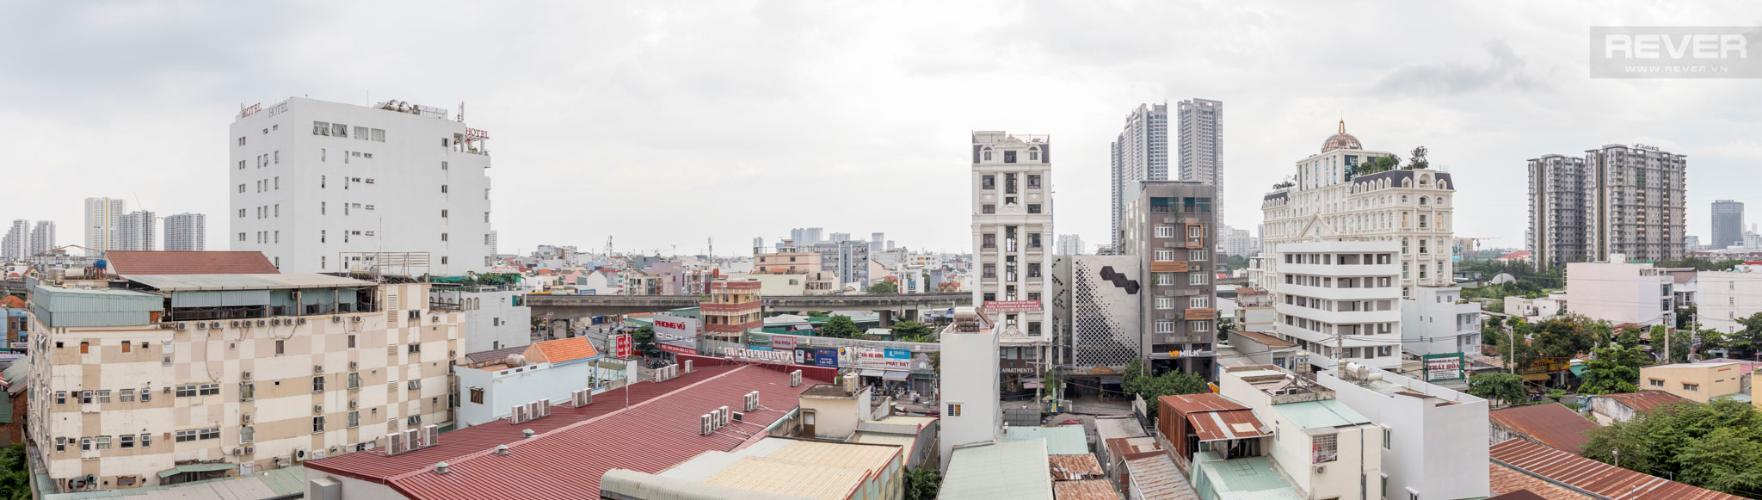 View Bán căn hộ Luxcity 2PN, tầng thấp, block A, diện tích 73m2, nội thất cơ bản